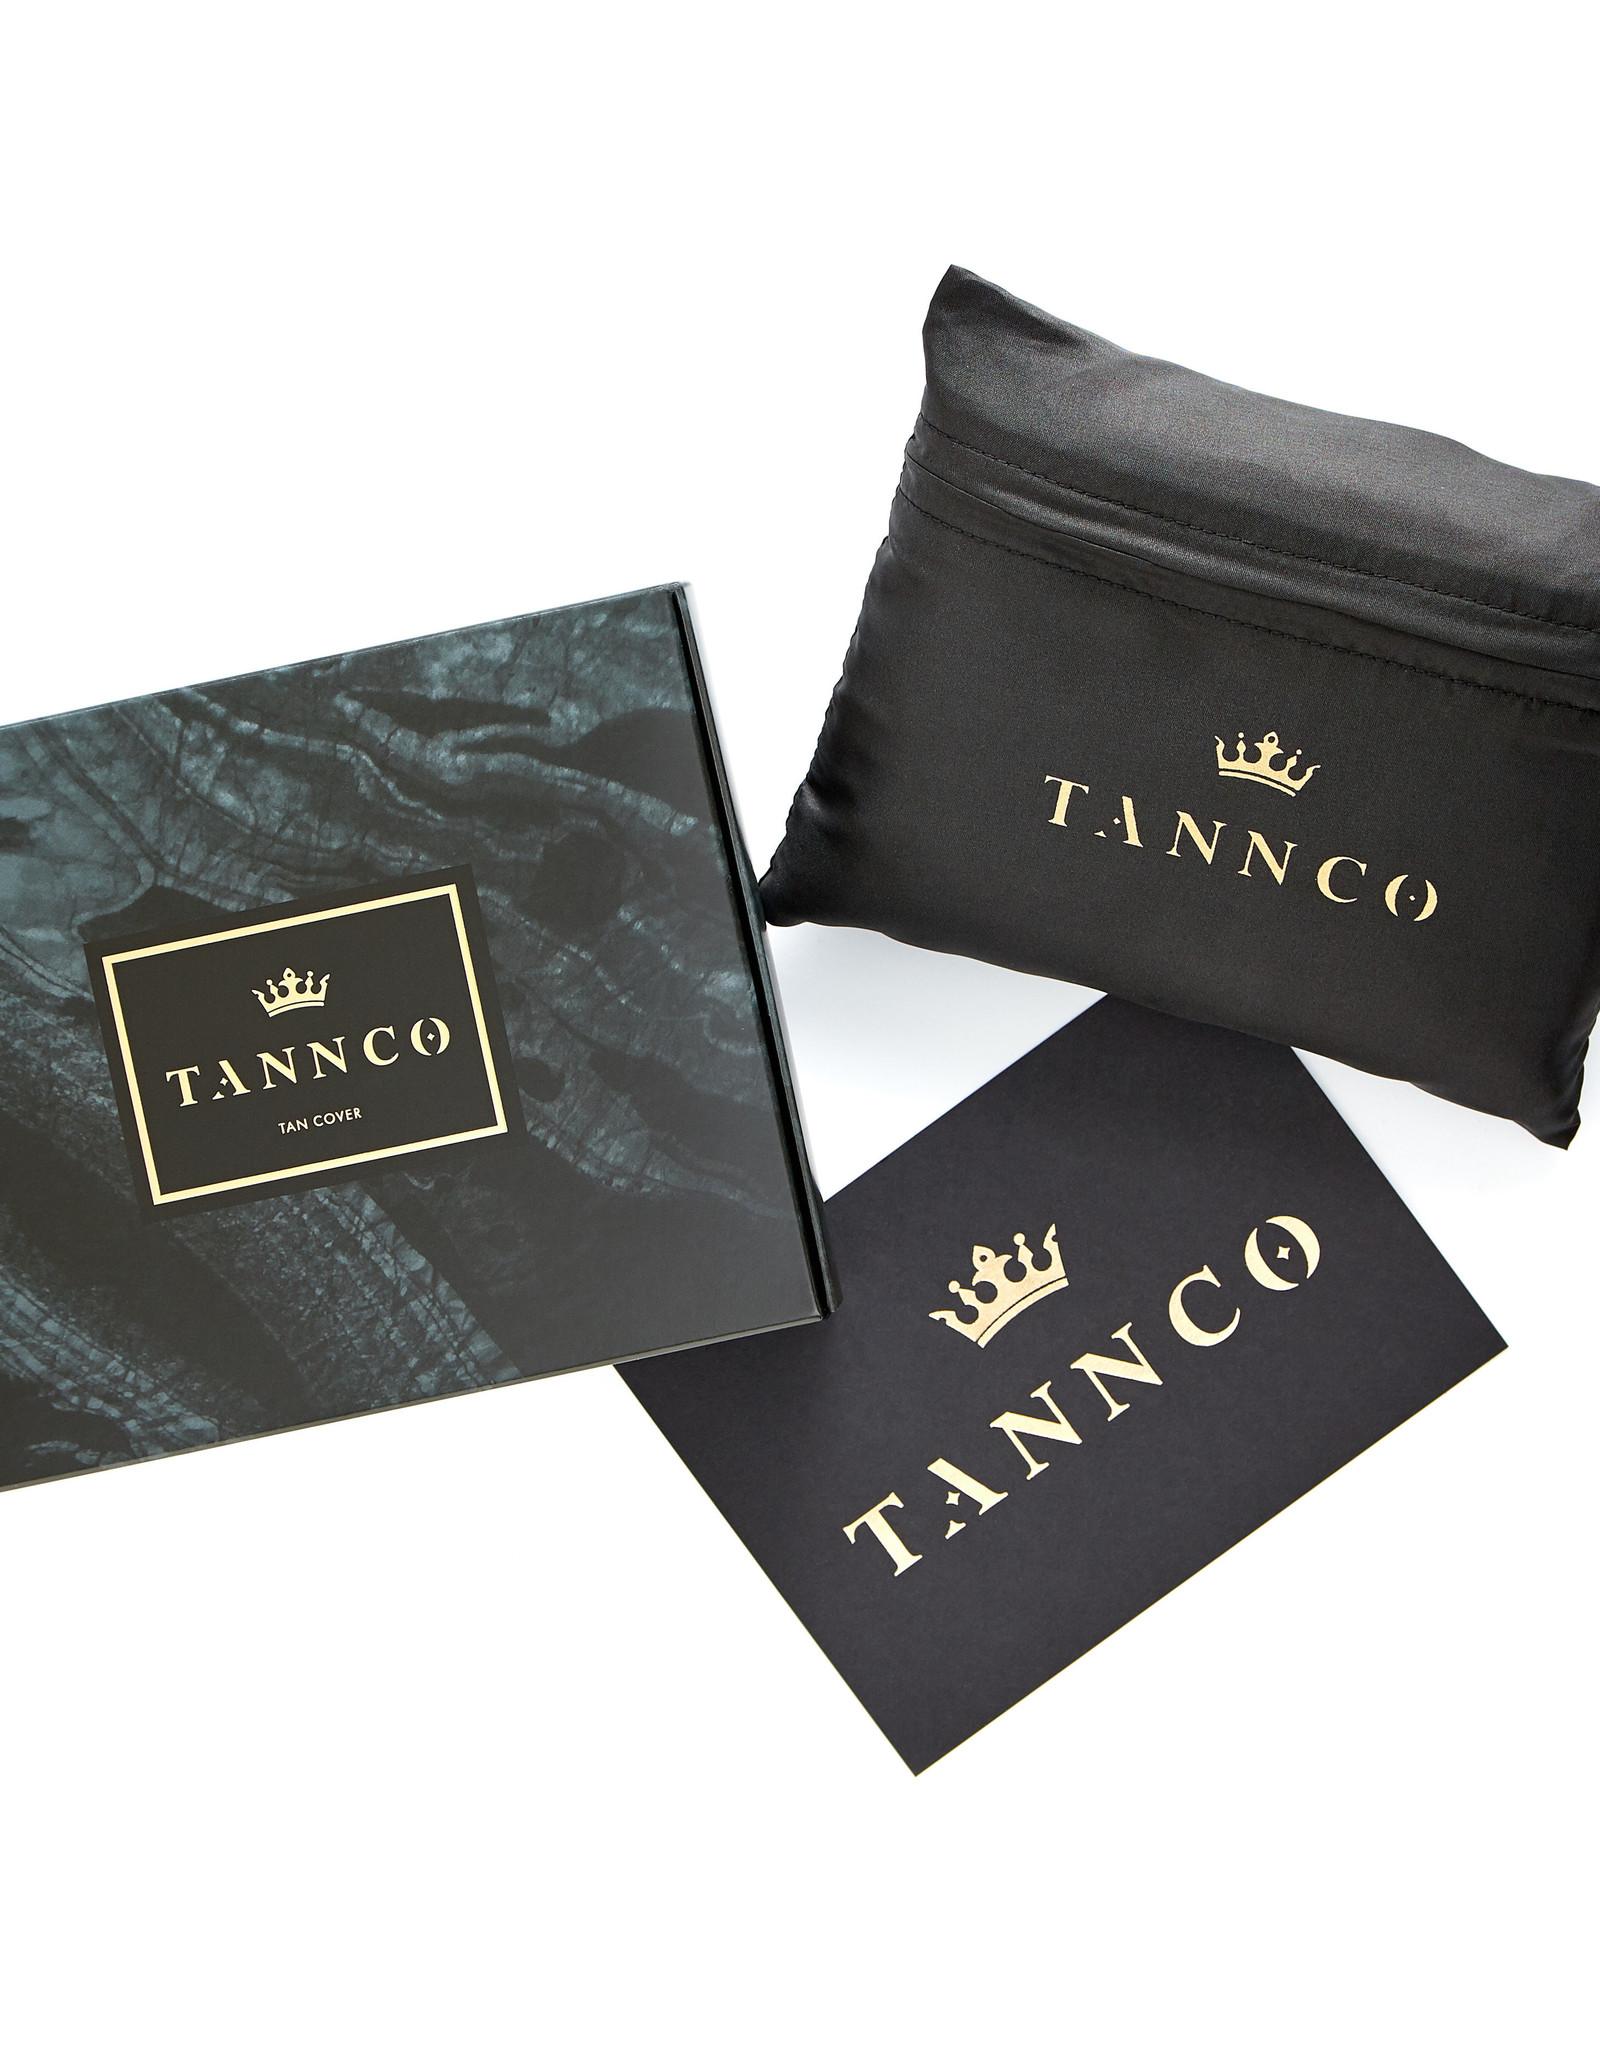 Tannco Tannco self-tan  bed protector/ beschermer laken